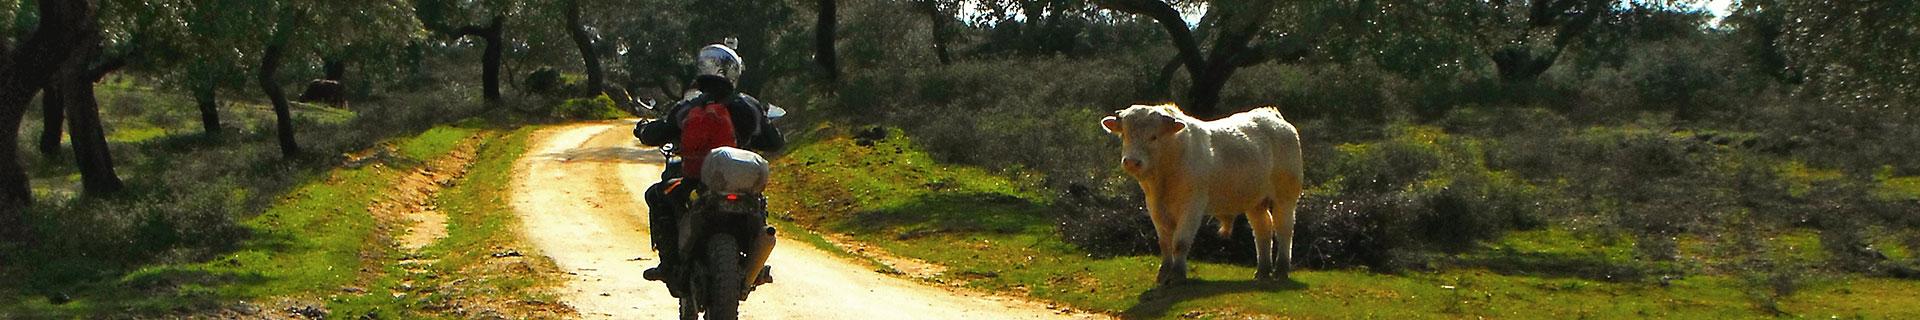 motorradreise-portugal-enduro-offroad-slider-01